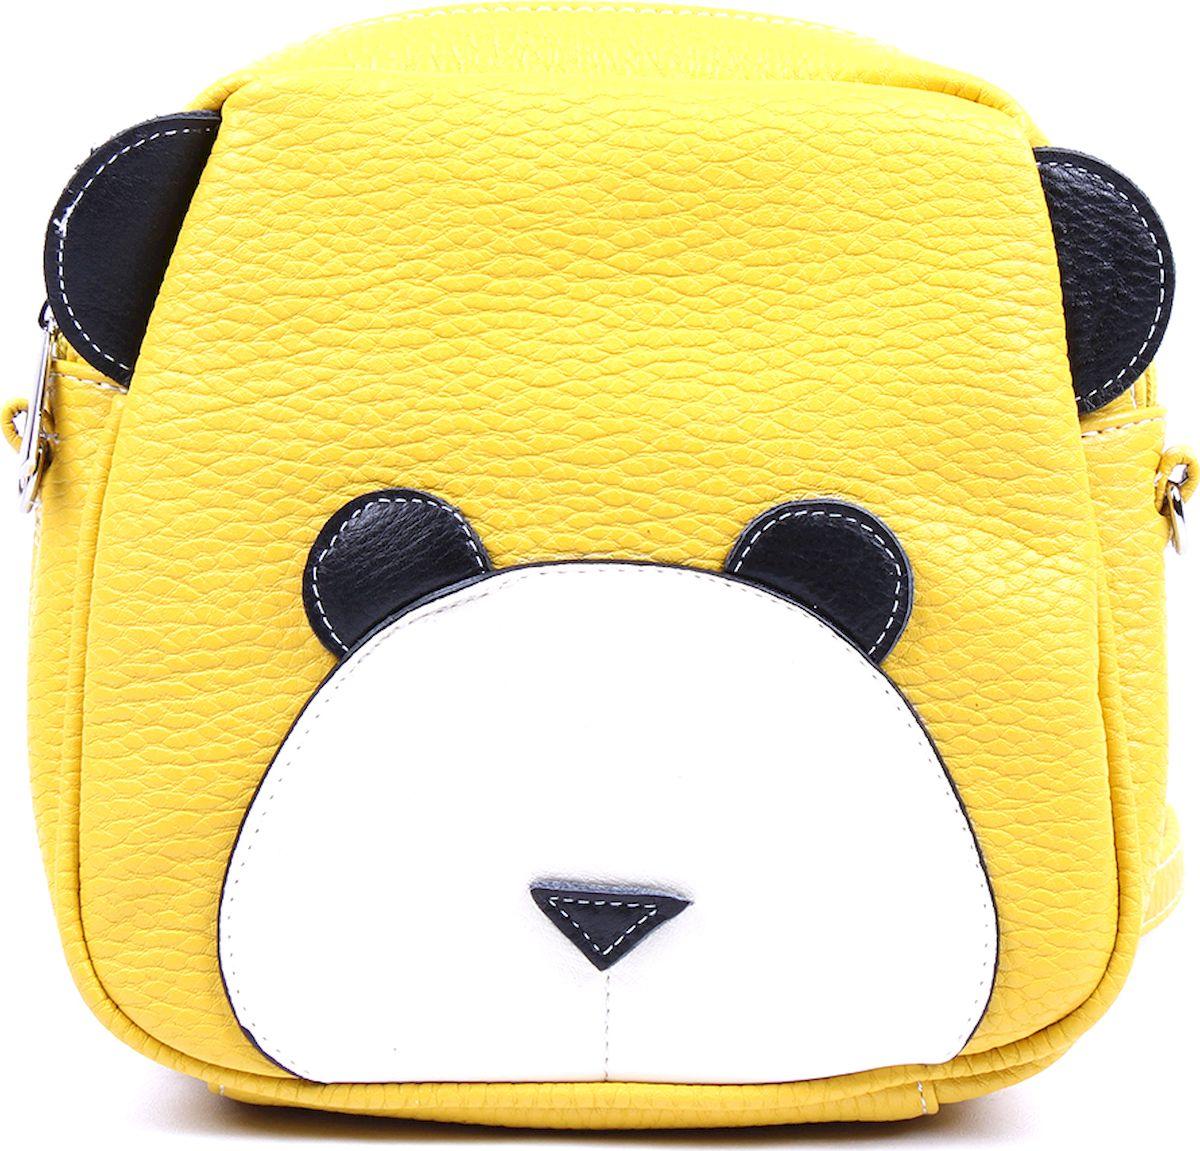 Фото - Рюкзак женский Медведково, цвет: желтый. 17с3739-к14 рюкзак женский медведково цвет темно синий 17с4022 к14